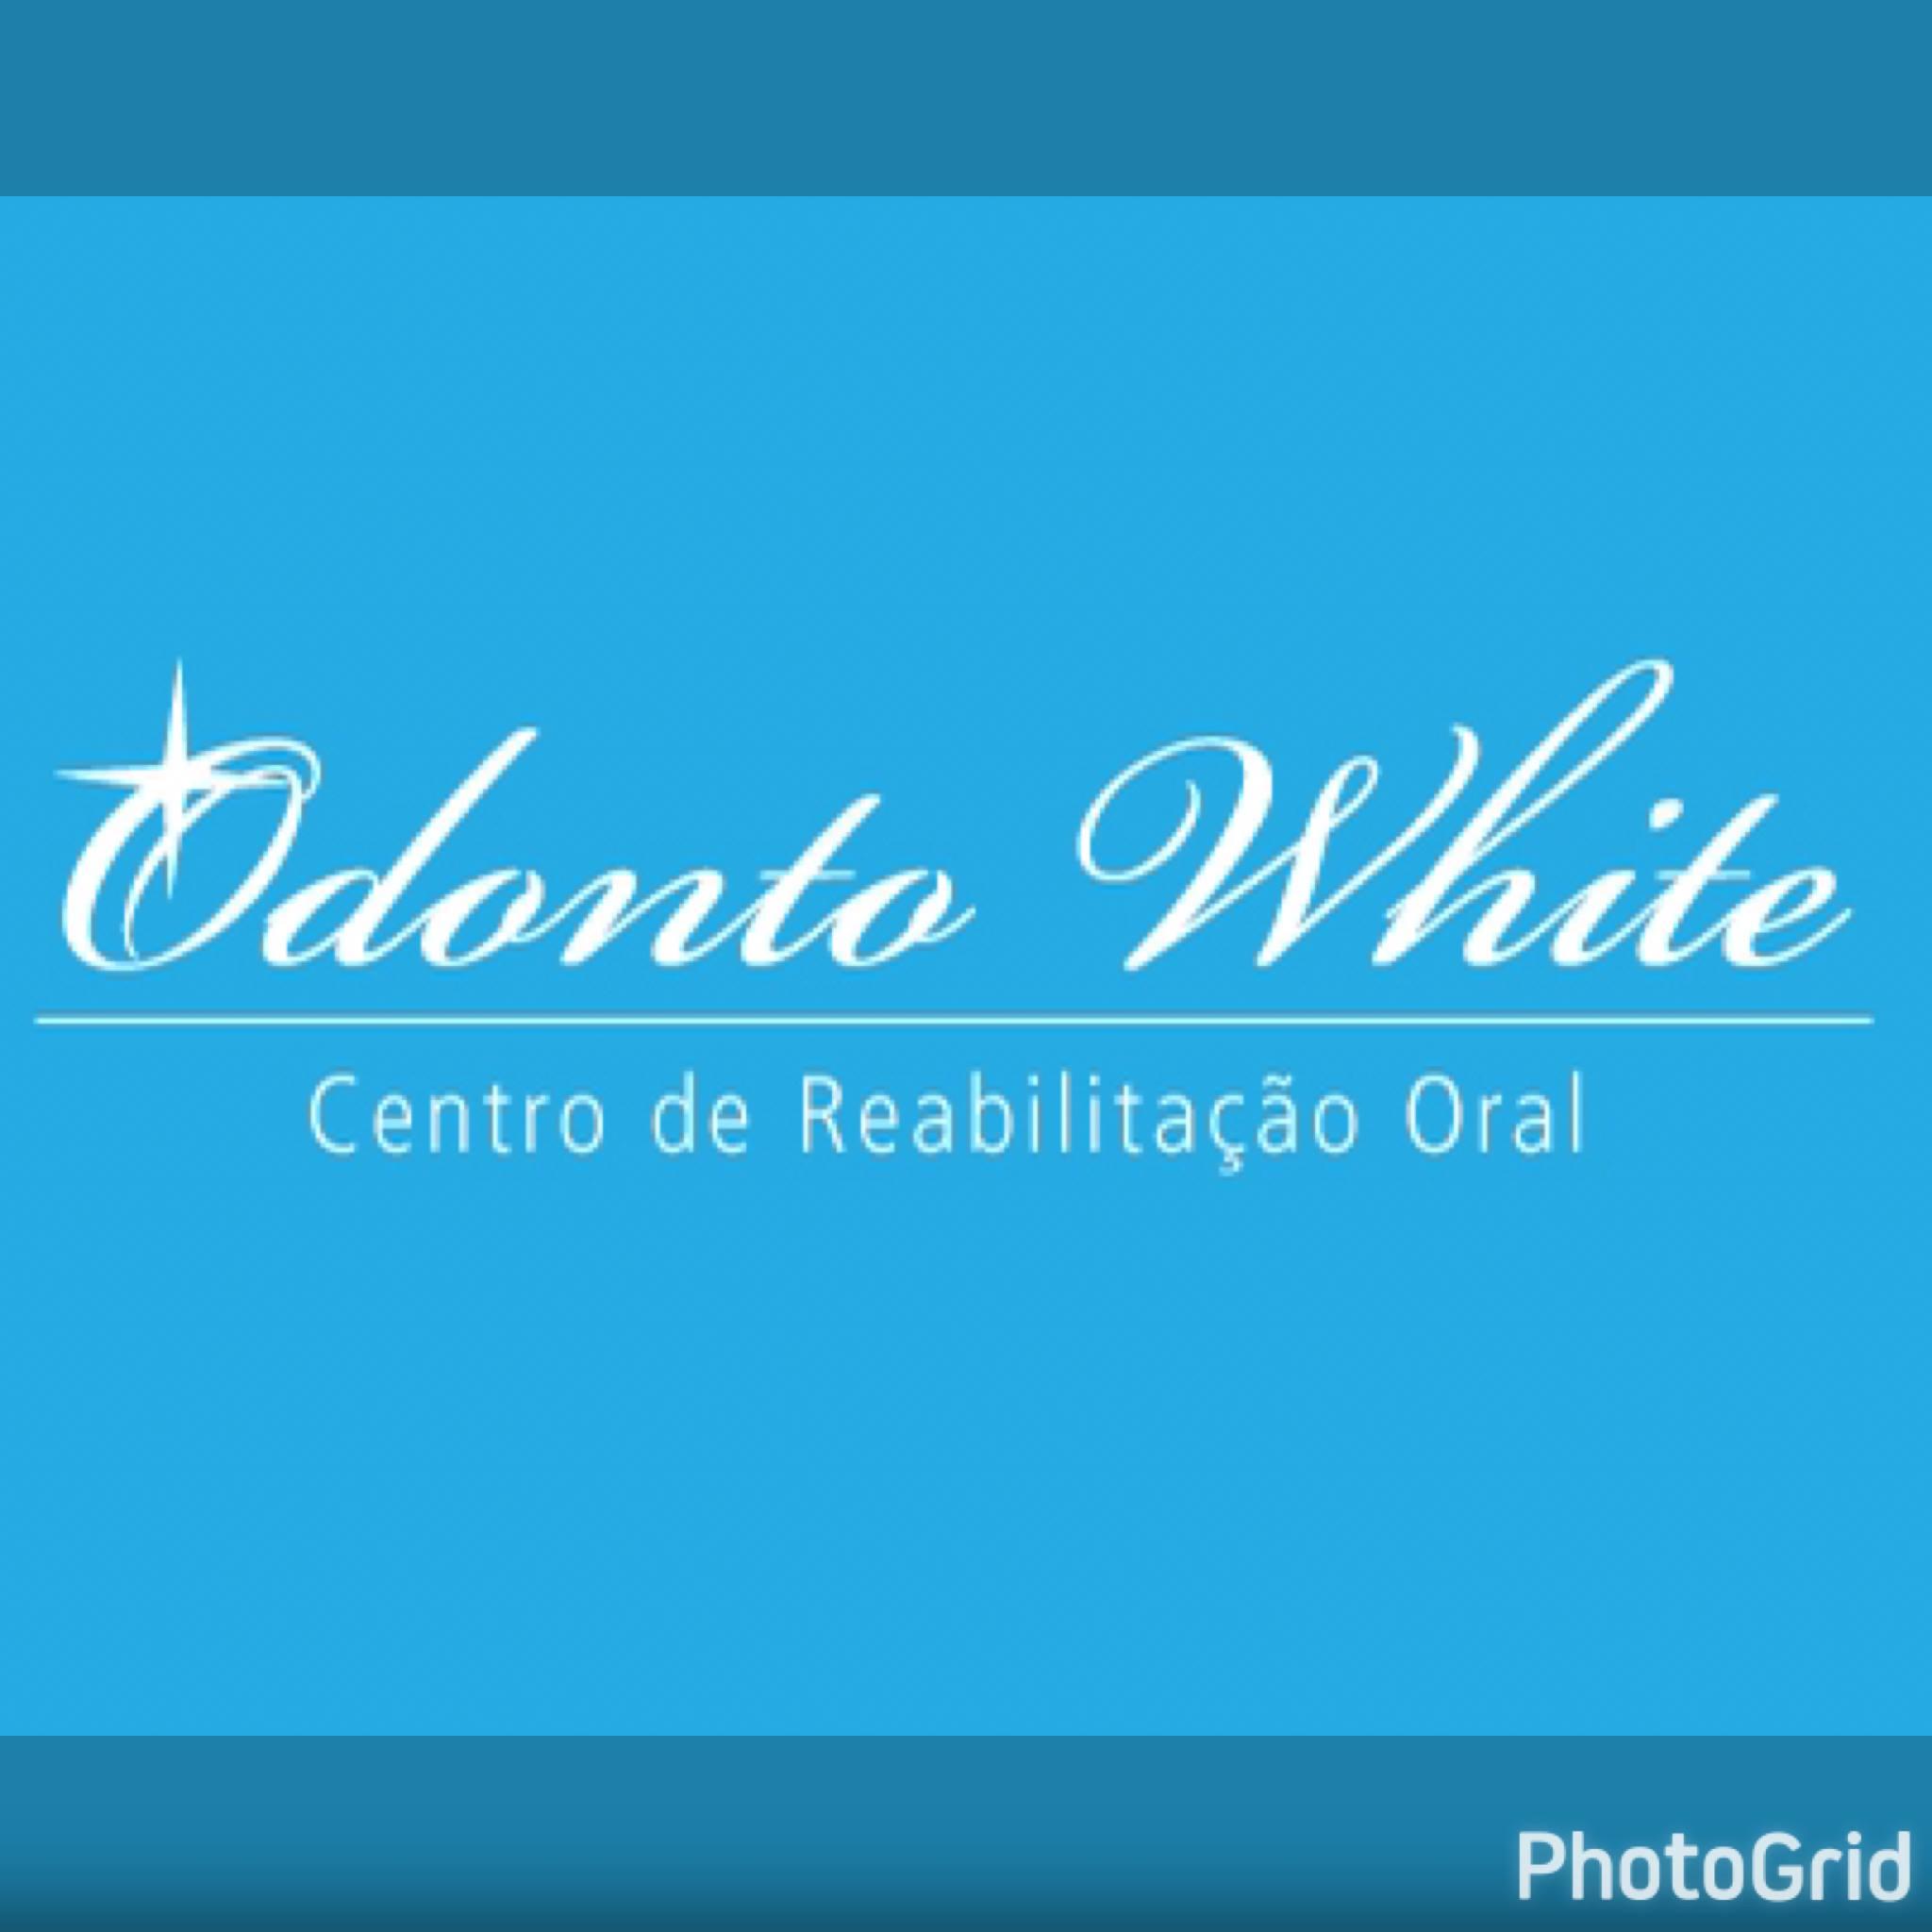 Odonto White